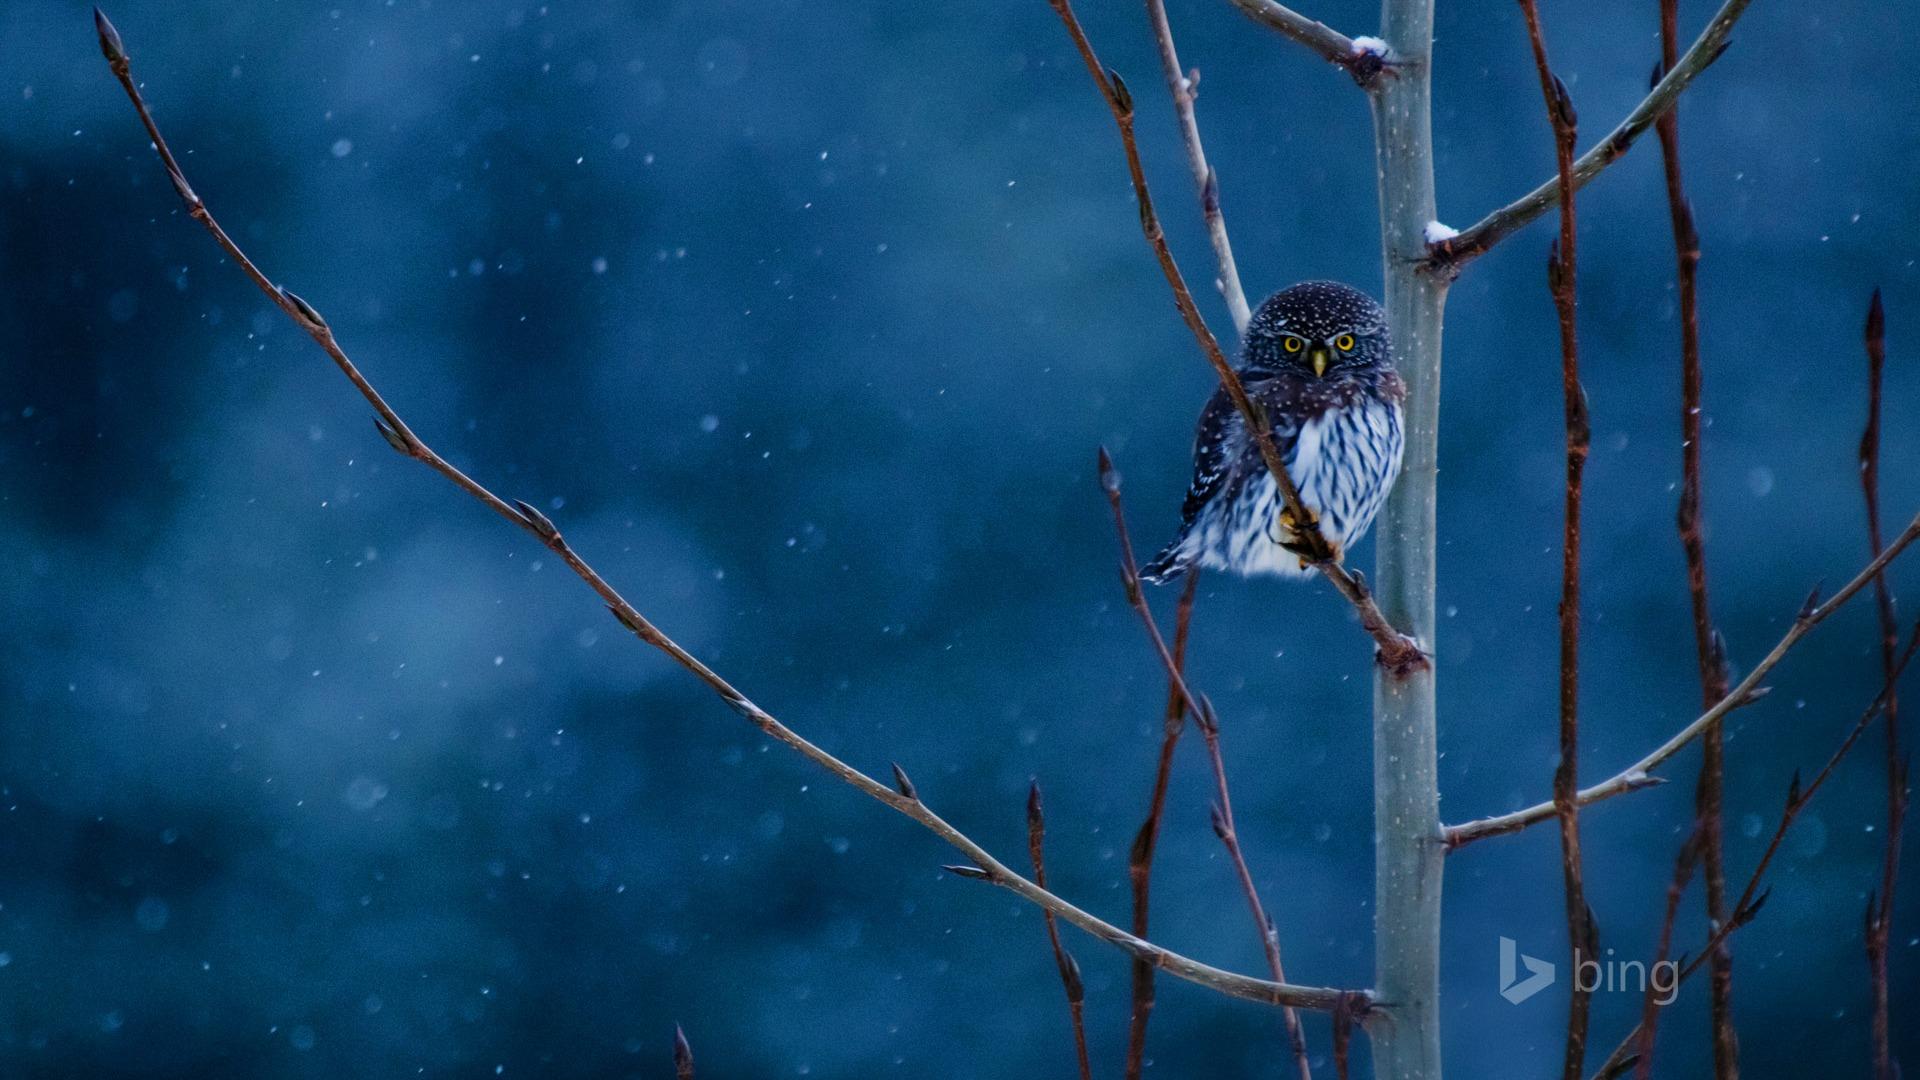 Snow Owl 2015 Bing Theme Wallpaper Preview 10wallpaper Com